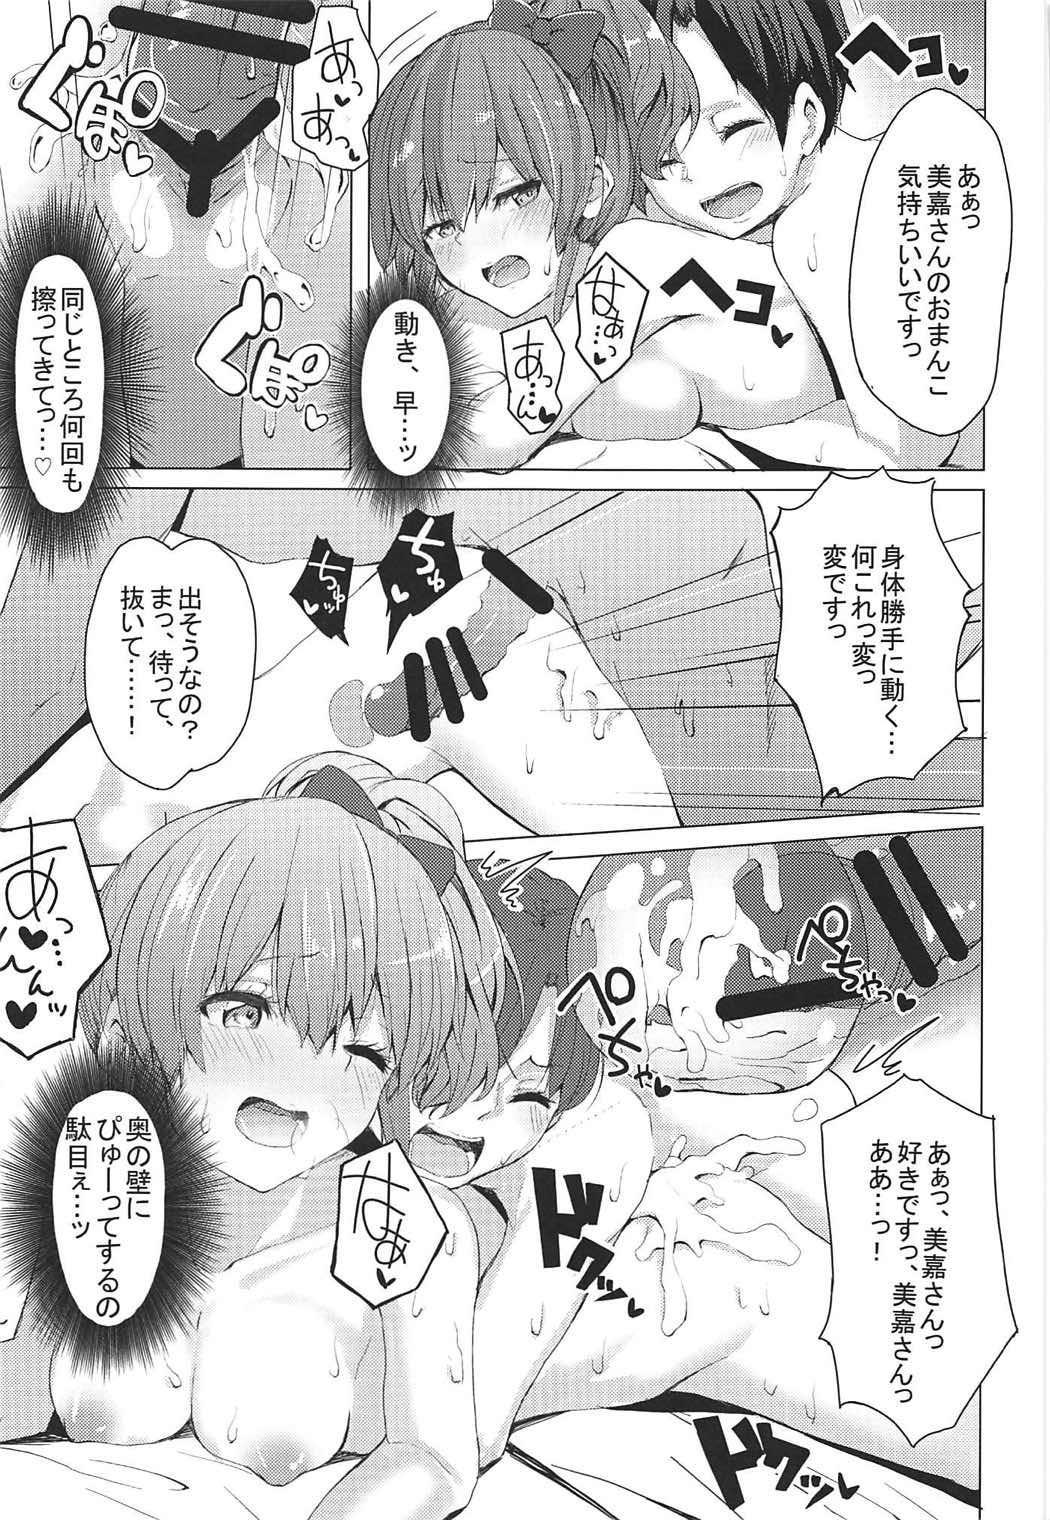 Danshi to Asobo☆ 19